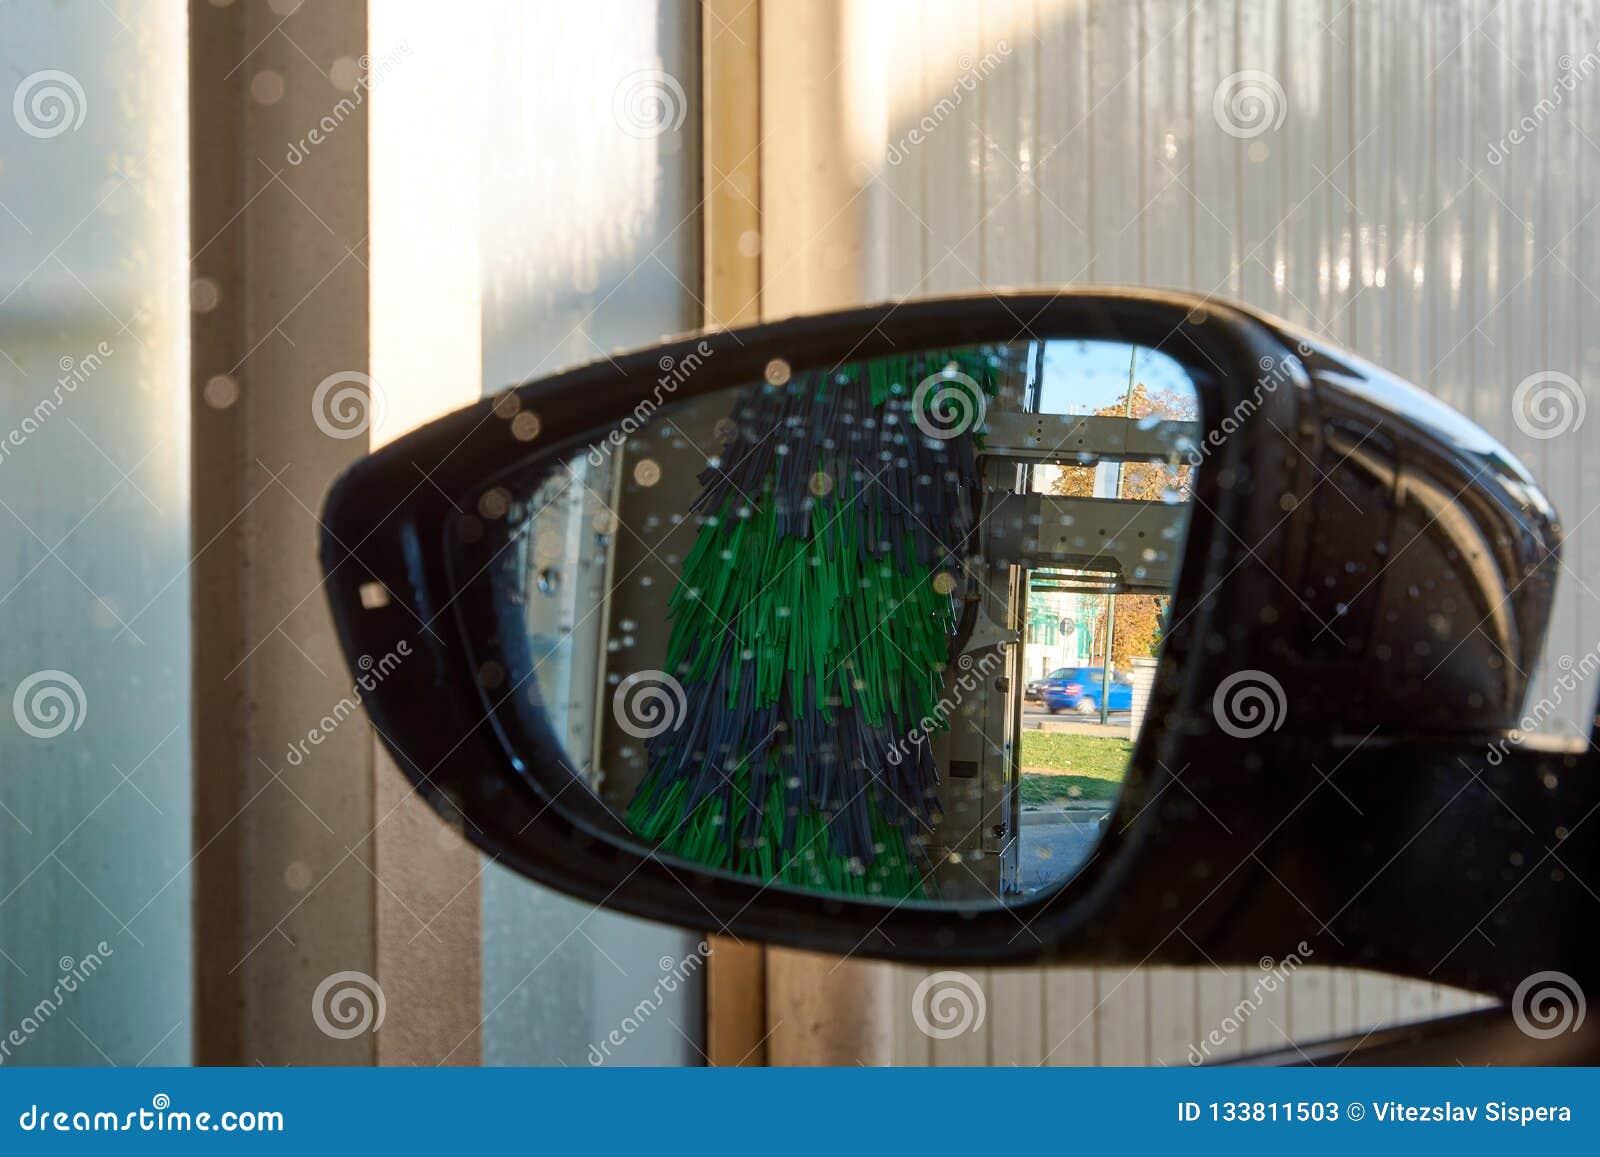 Nahaufnahmefoto eines Rückspiegels innerhalb einer Waschanlage mit wate